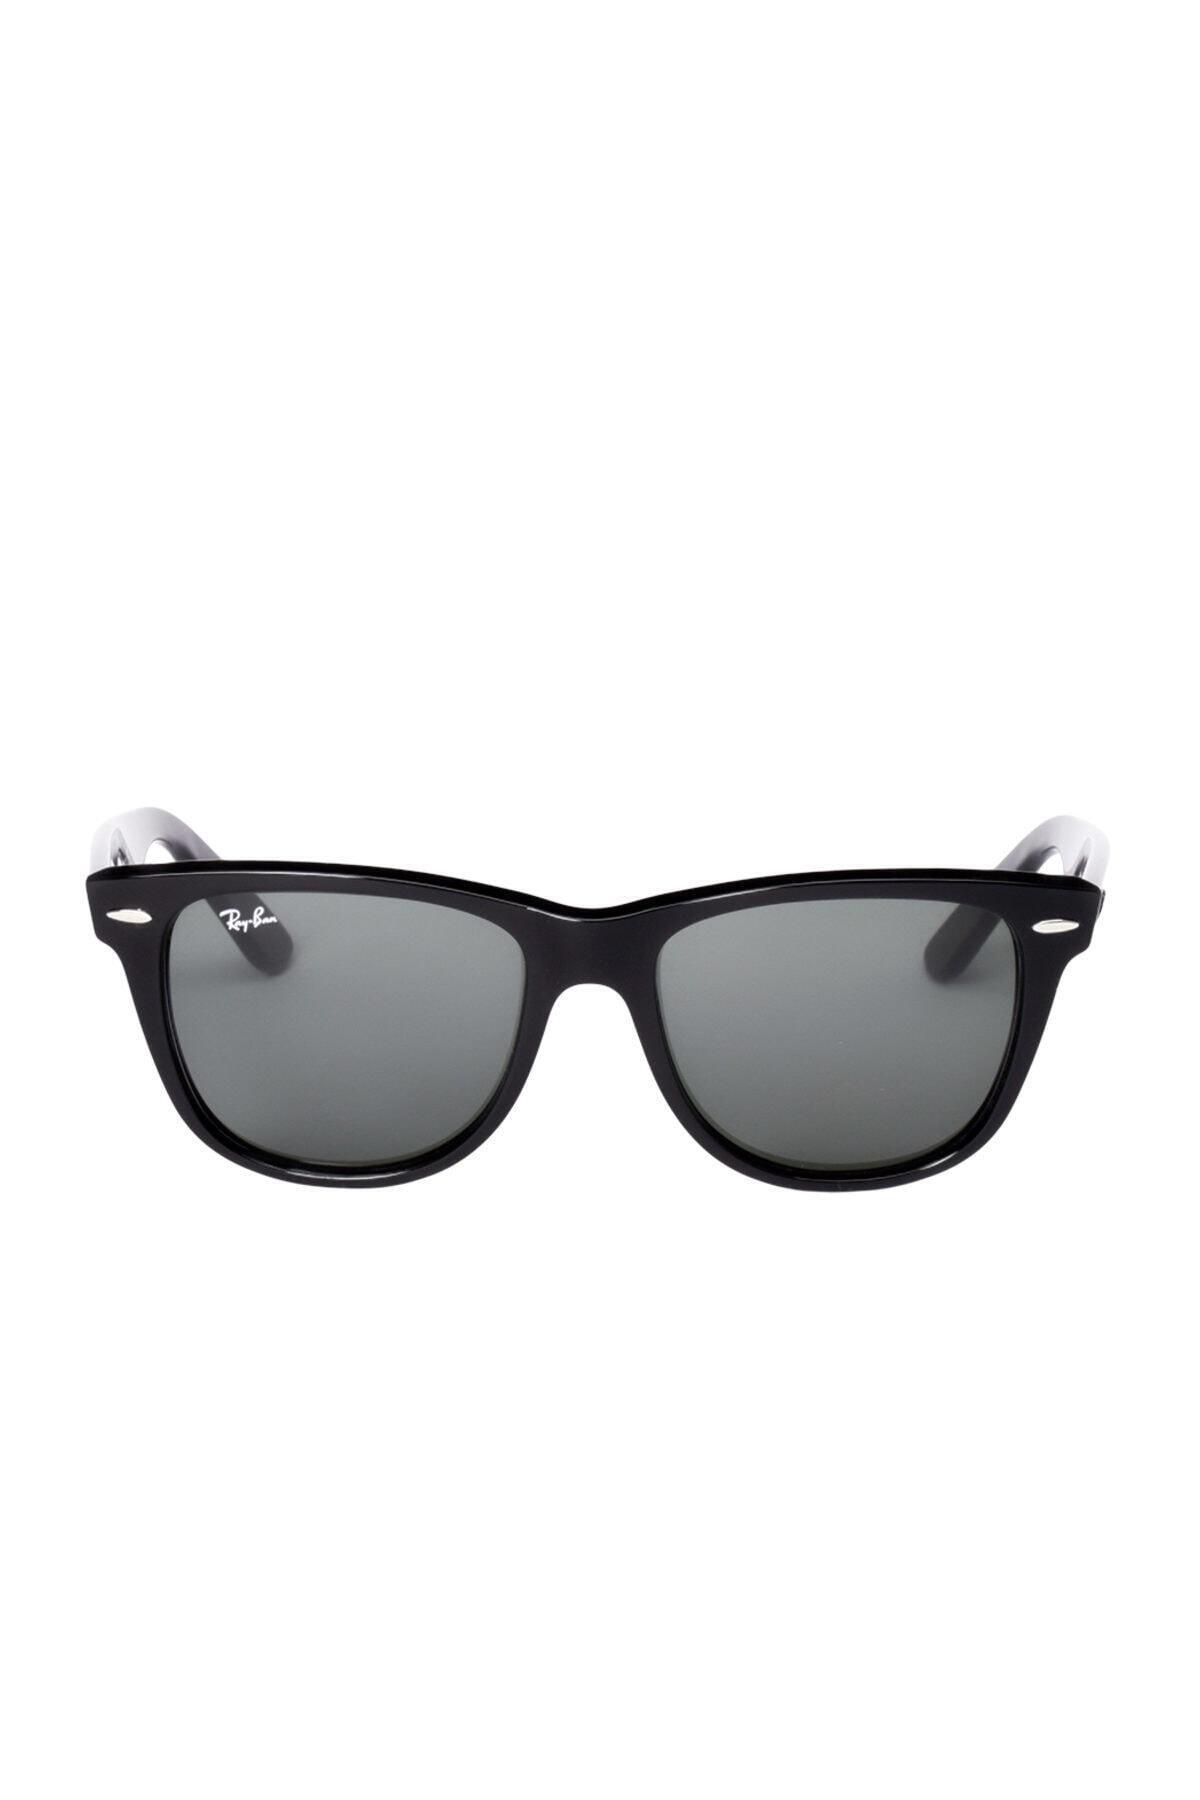 عینک آفتابی زمستانی مردانه برند ری بن کد ty731636